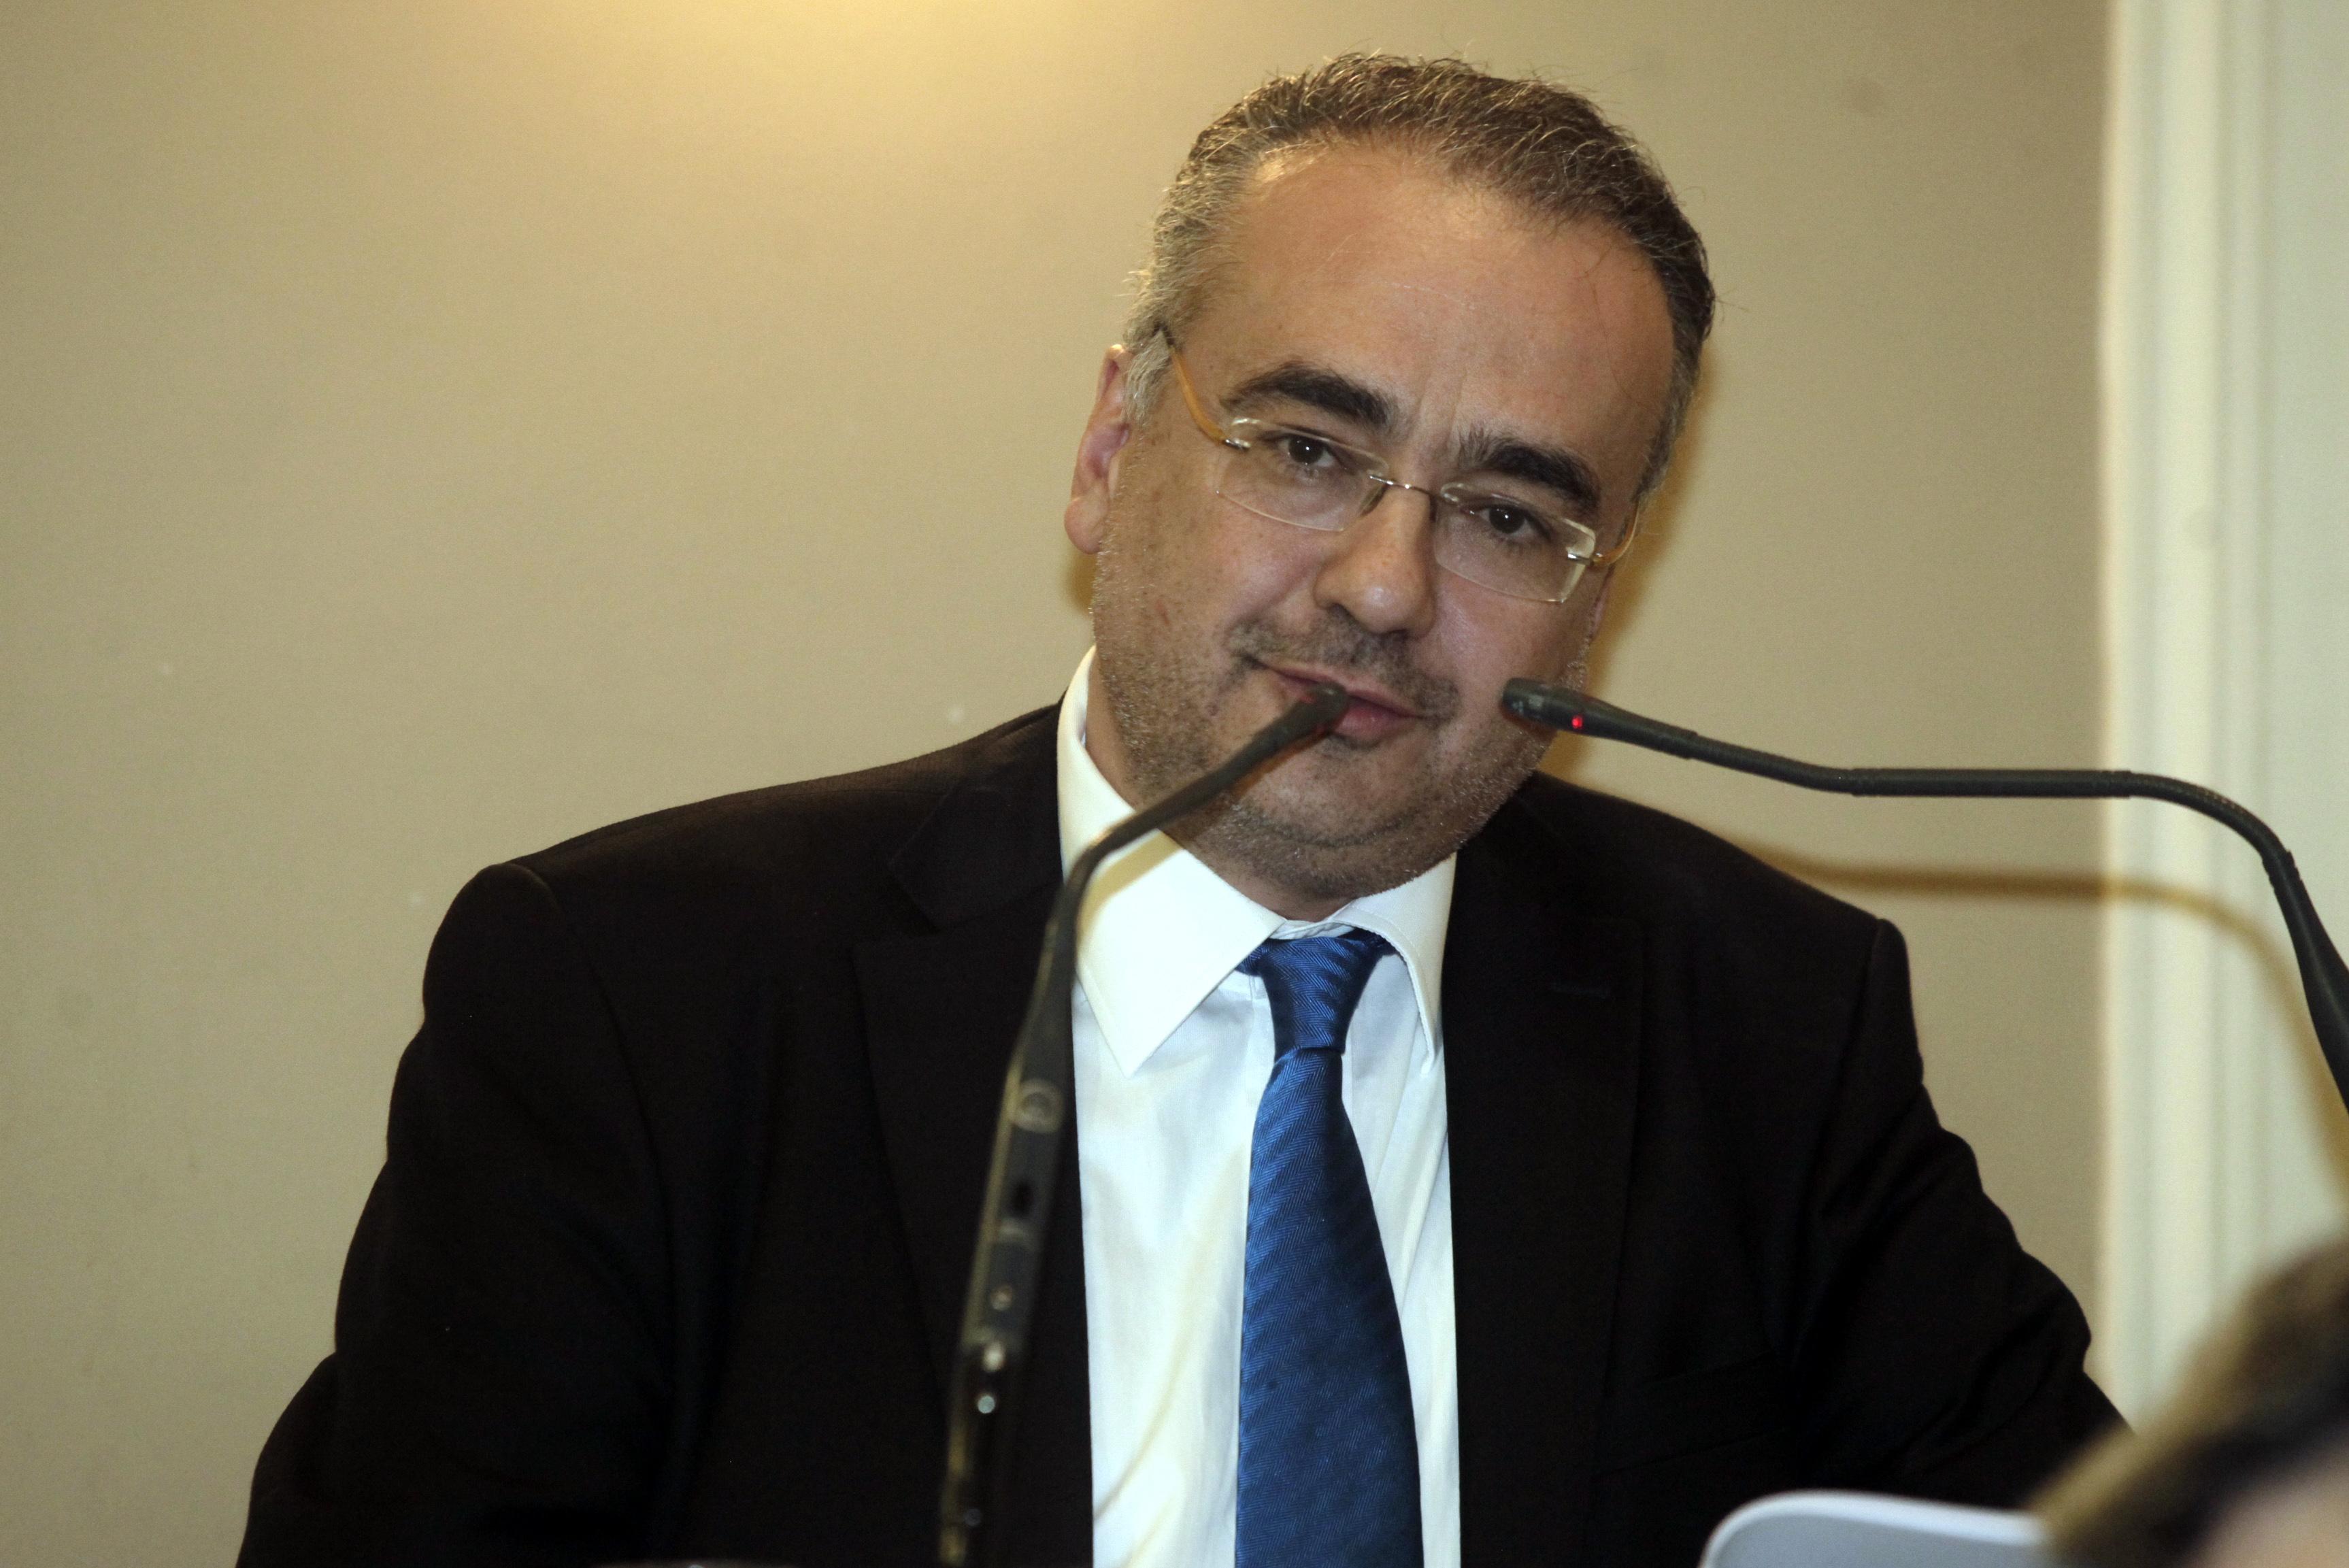 Βερβεσός: Θετικό βήμα η μείωση των ασφαλιστικών εισφορών των δικηγόρων | tovima.gr